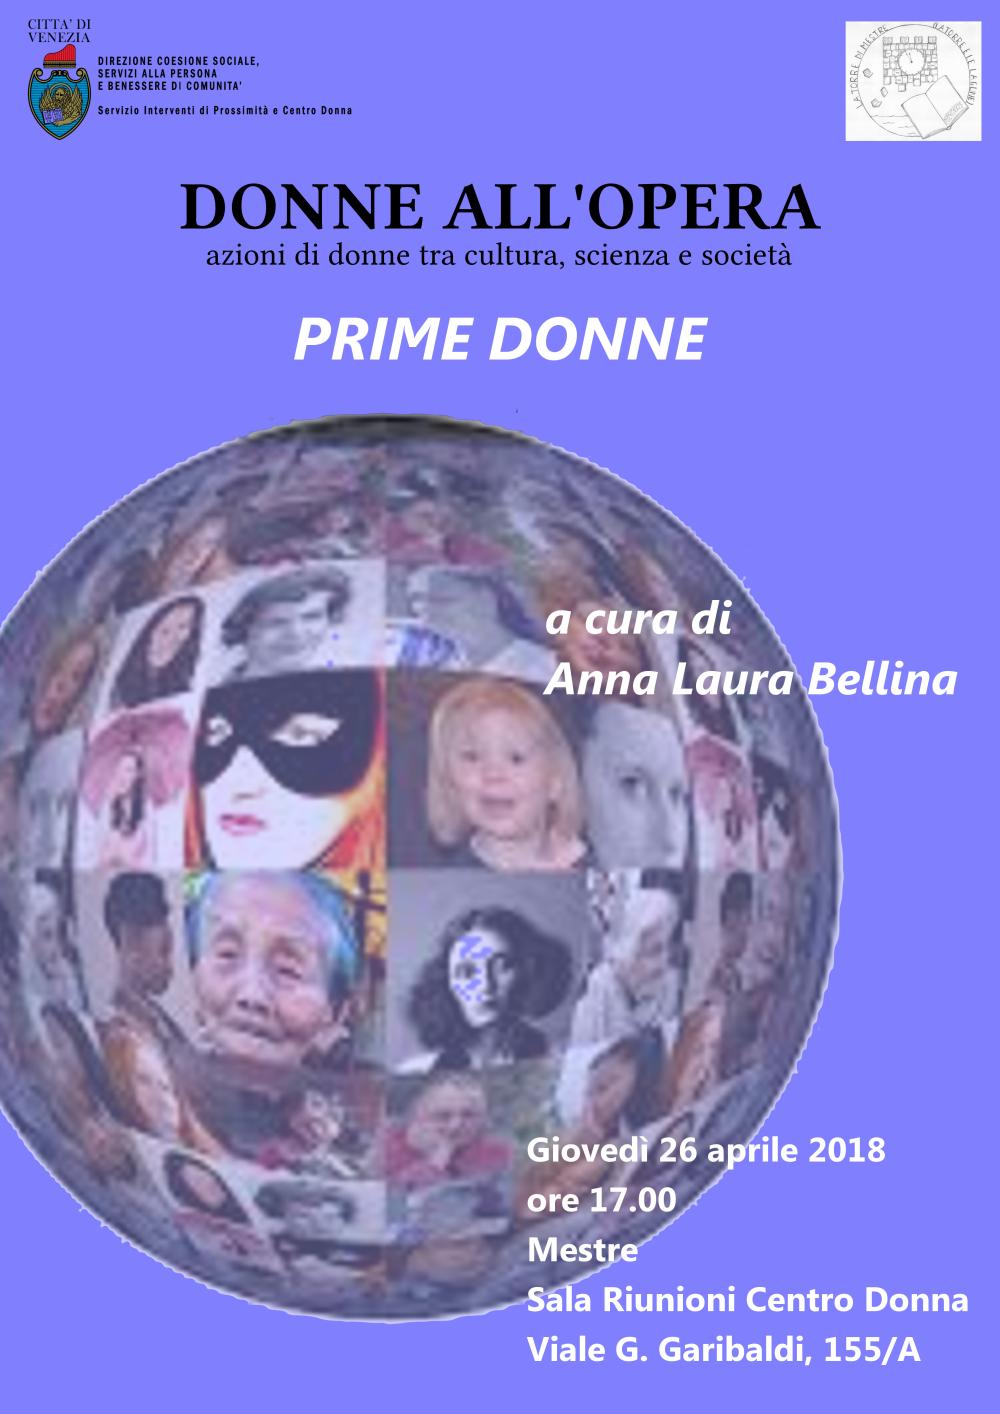 Locandina evento Prime donne